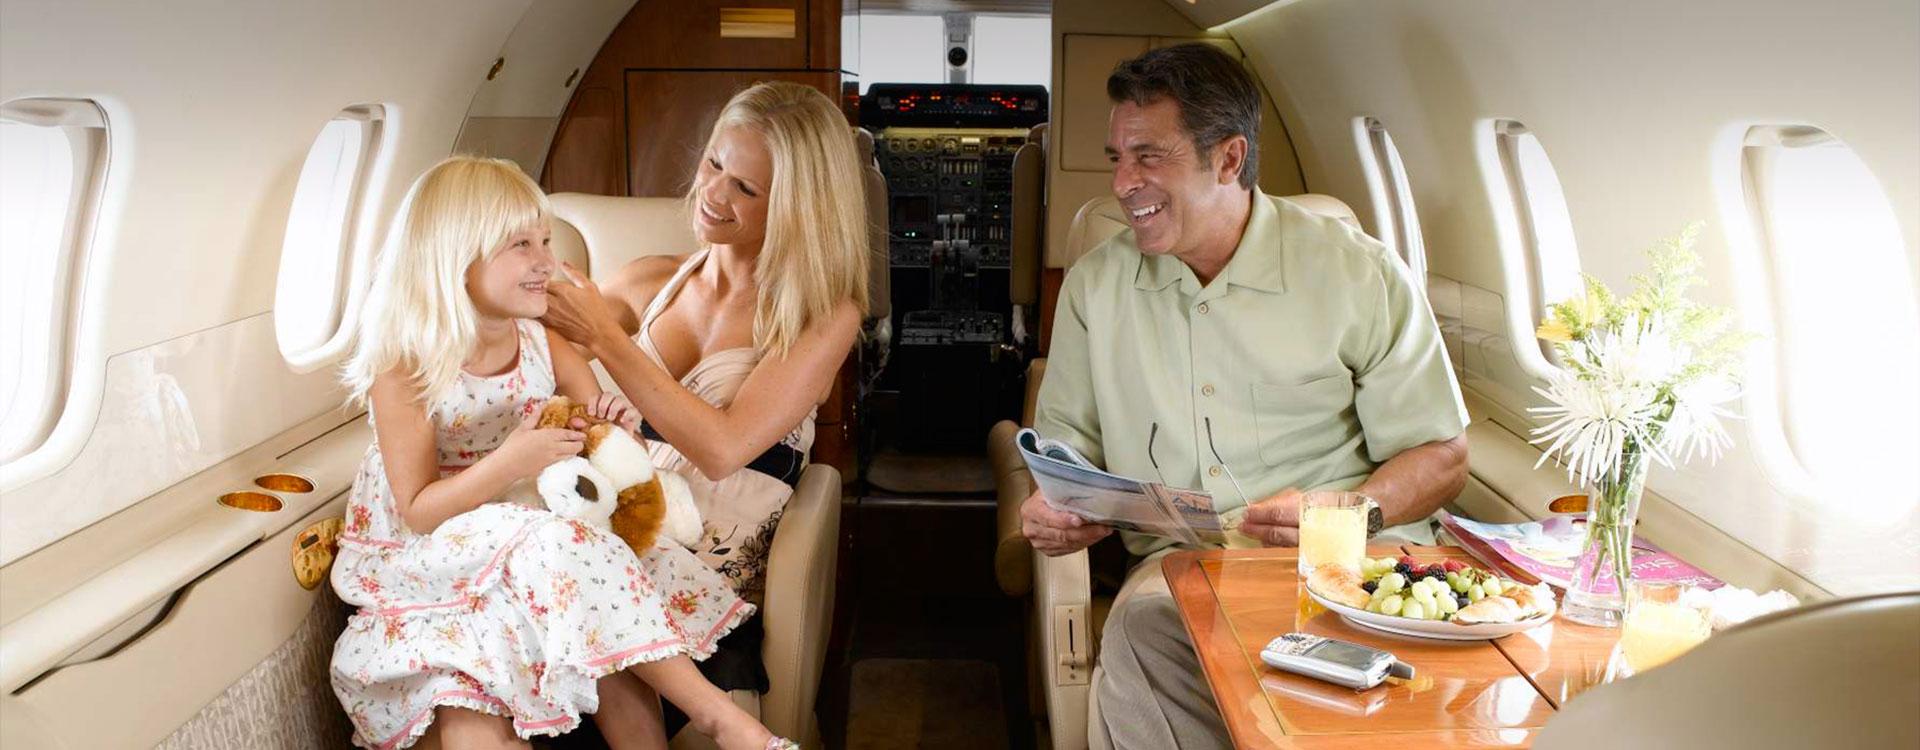 Banyan Aircraft Sales and Management